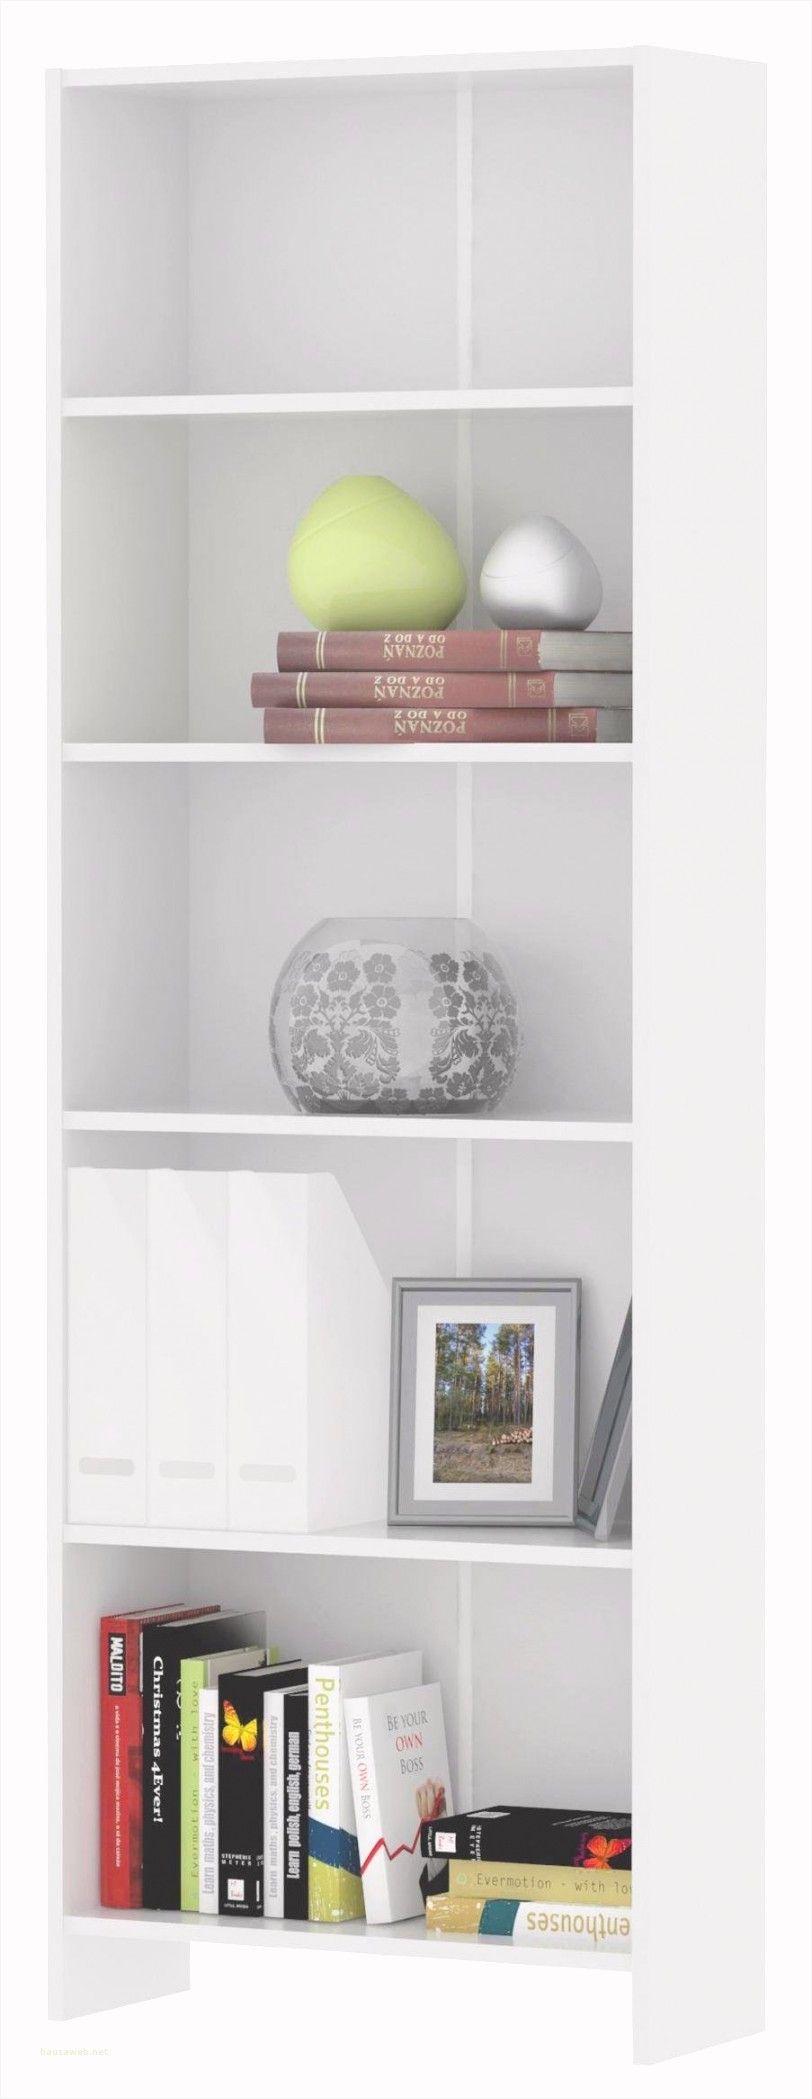 Das Beste Von Getalit Arbeitsplatte Wohnzimmerdekoration Wohnzimmerschranke Regal Design